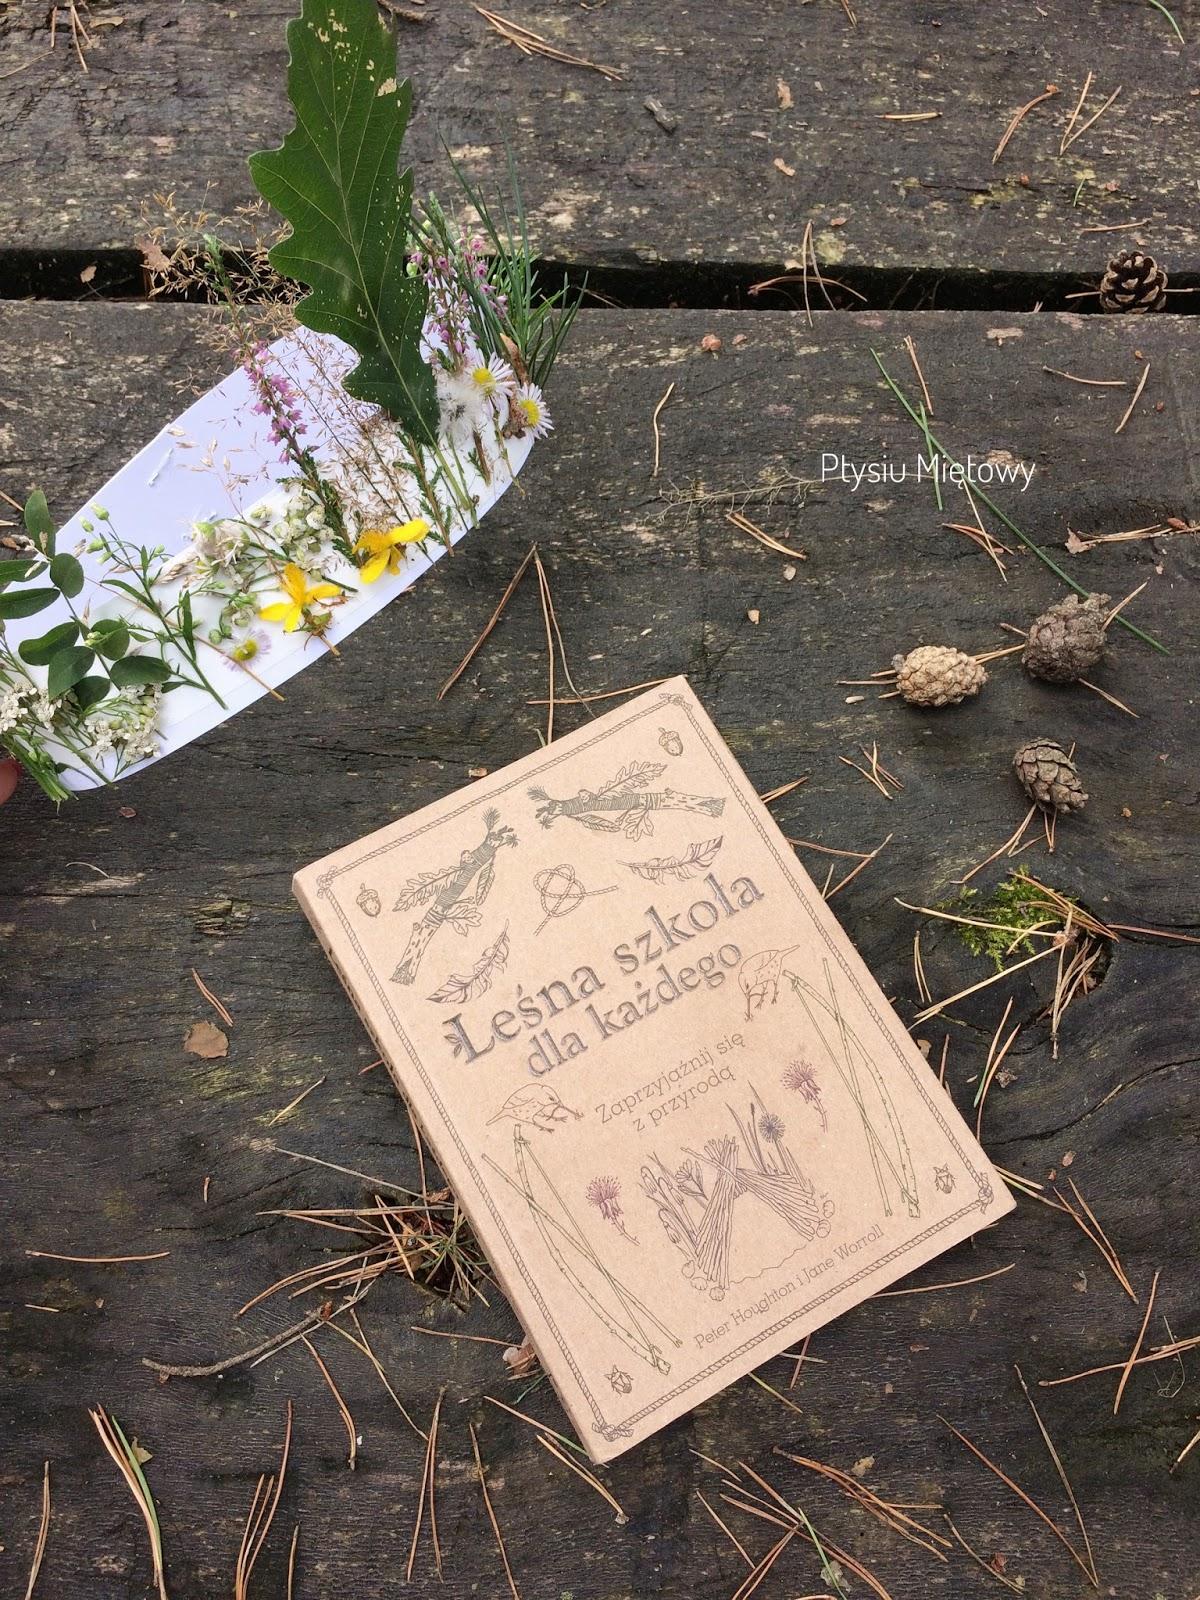 lesna szkola dla kazdego, ptysiu mietowy, recenzja, wydawnictwo muza